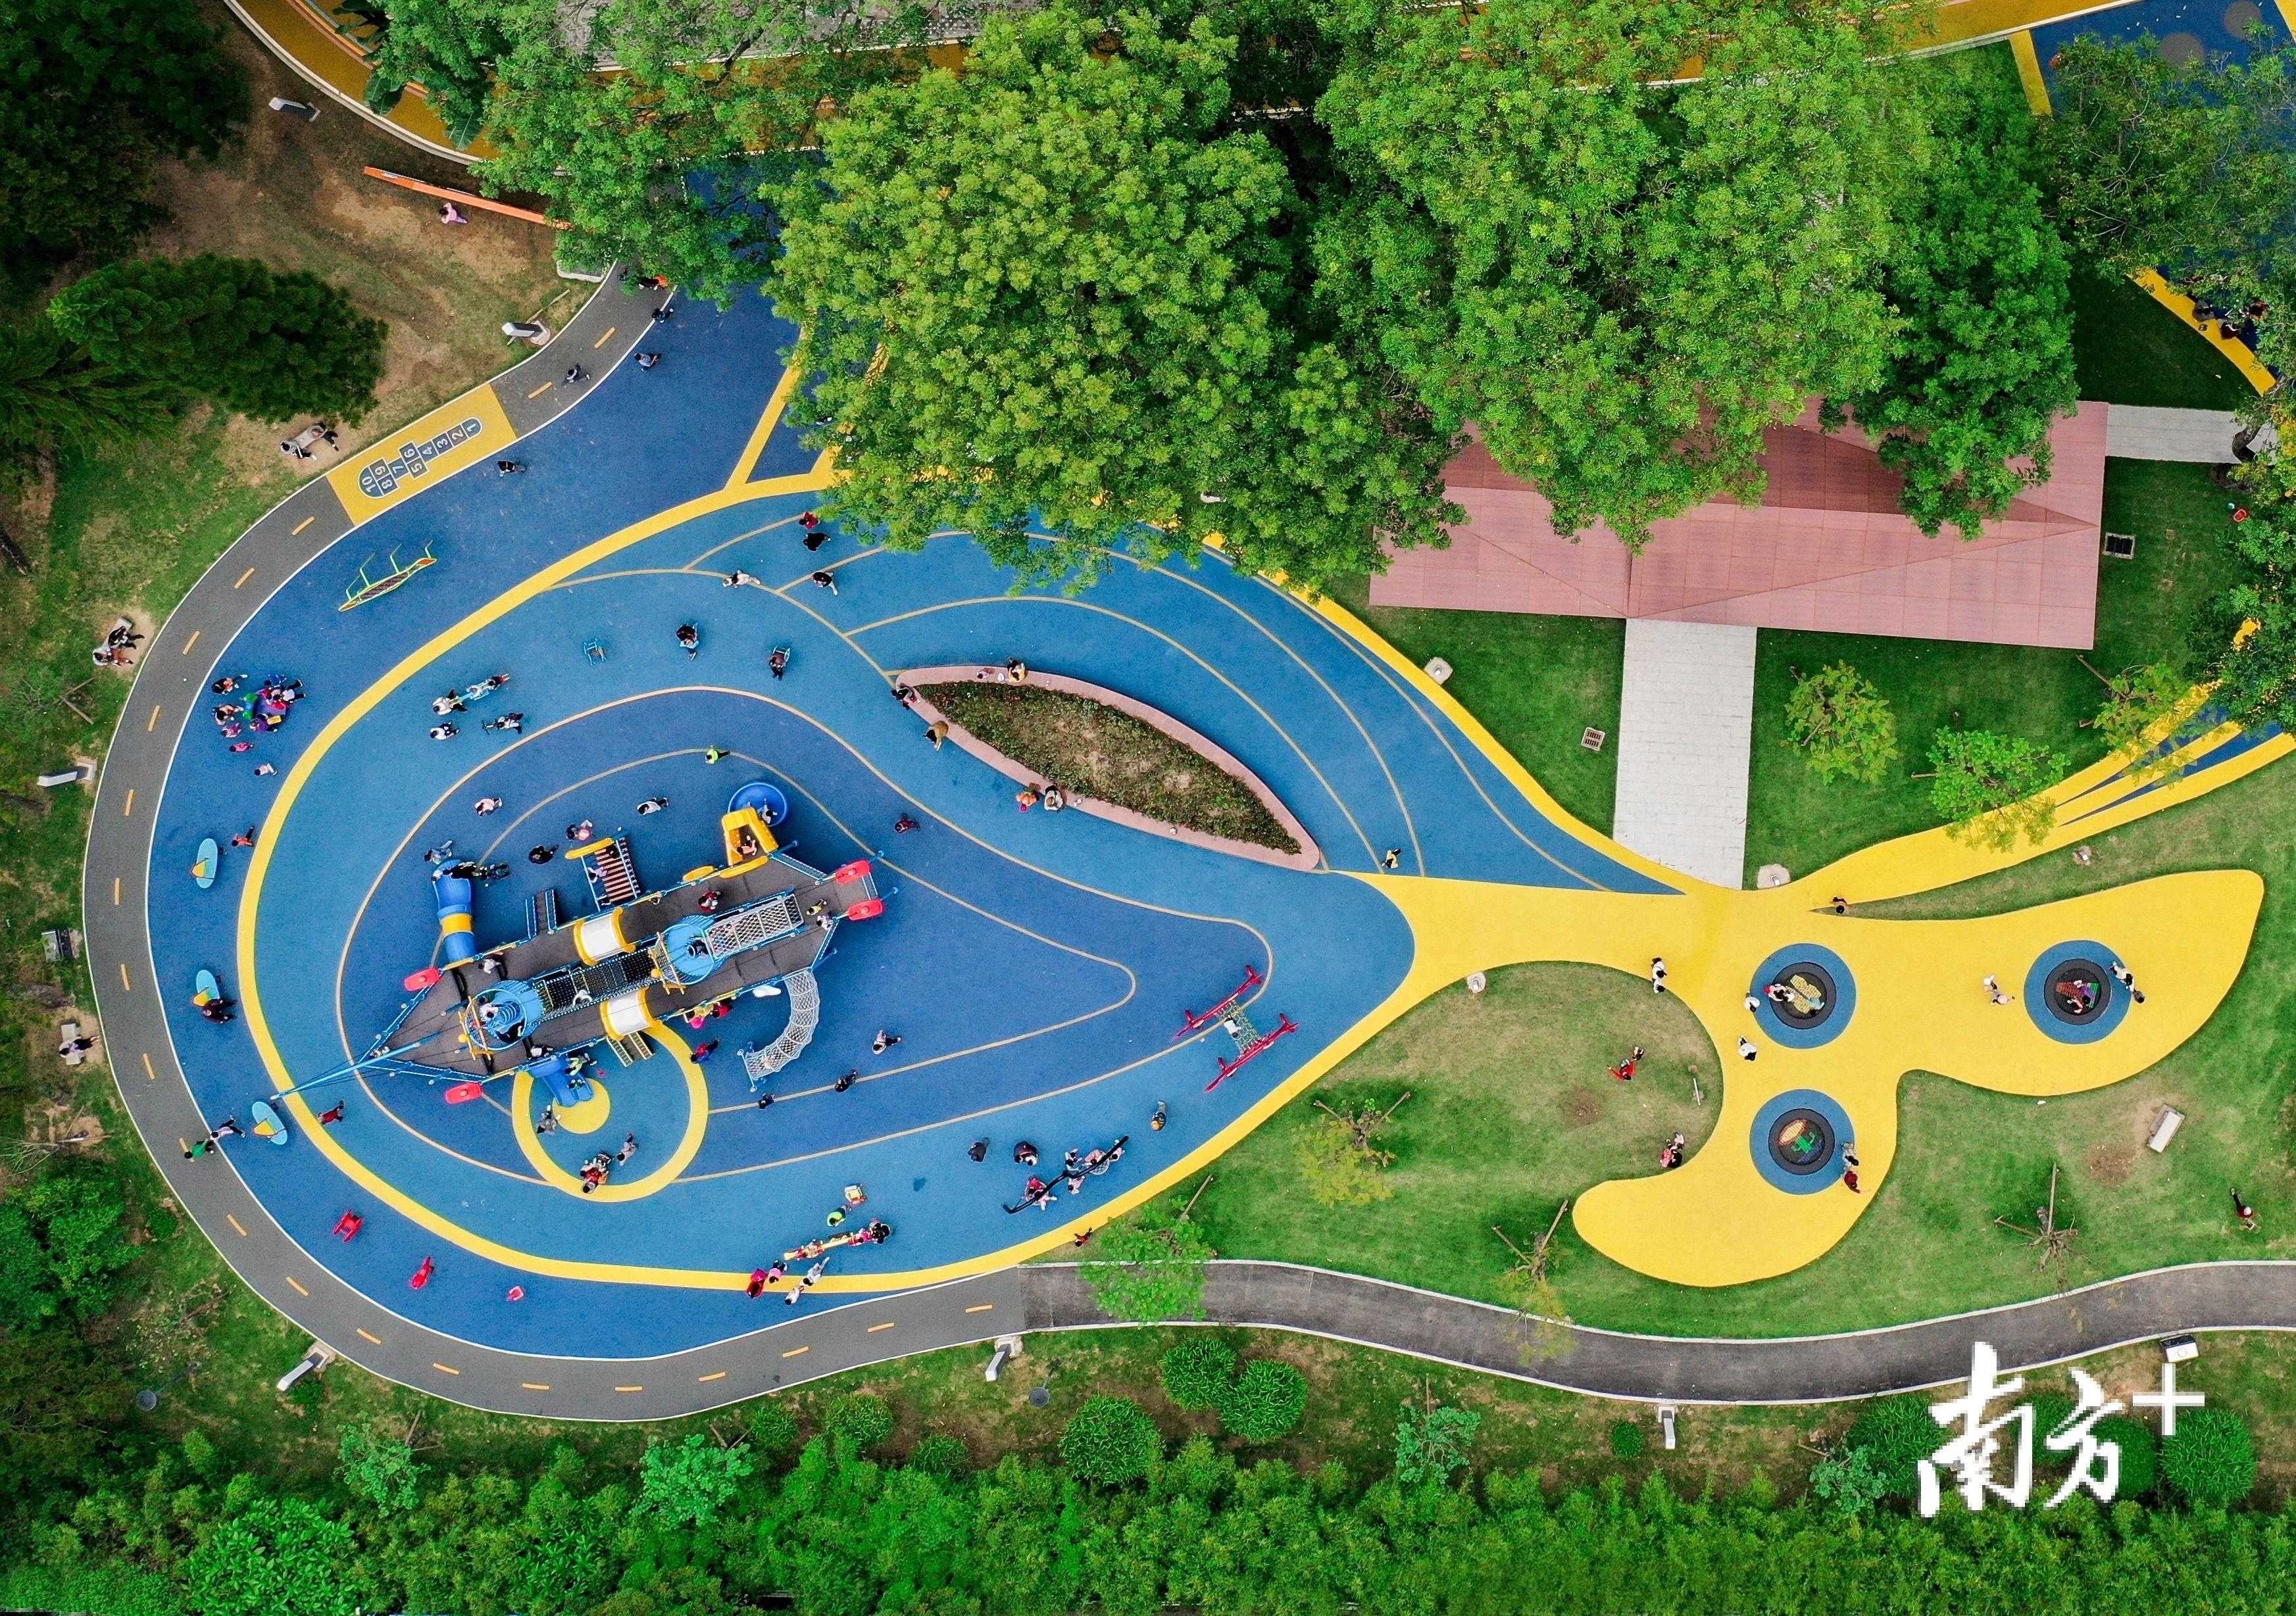 新湖公园的儿童乐园与好心绿道融为一体,从天空俯瞰,好似一只鲸鱼宝宝。